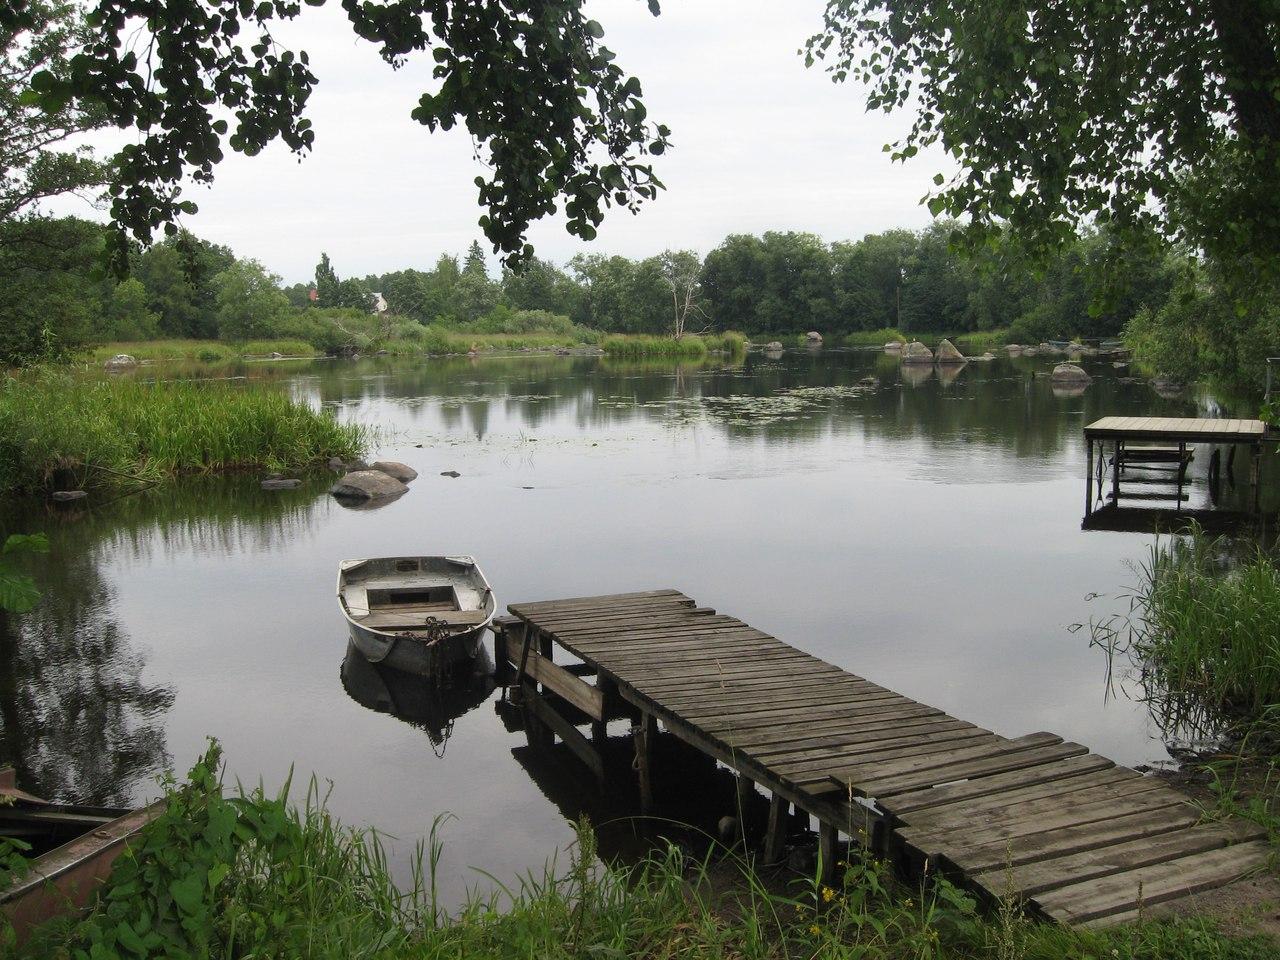 Красивый пейзаж на реке Вуоксе. Город Приозерск